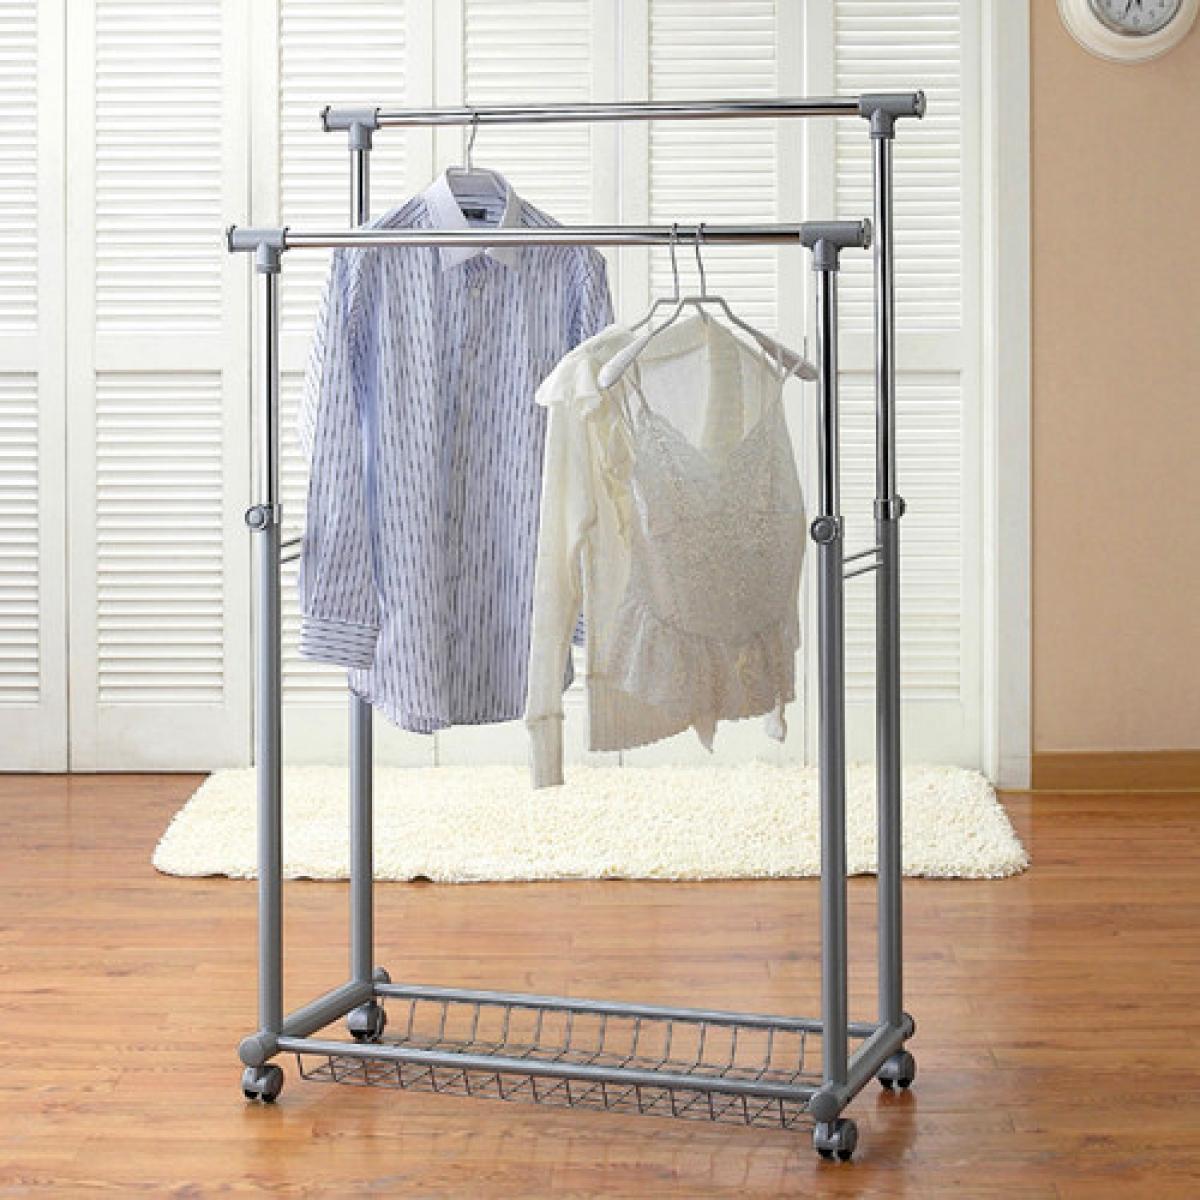 Các loại giá treo quần áo hiện nay